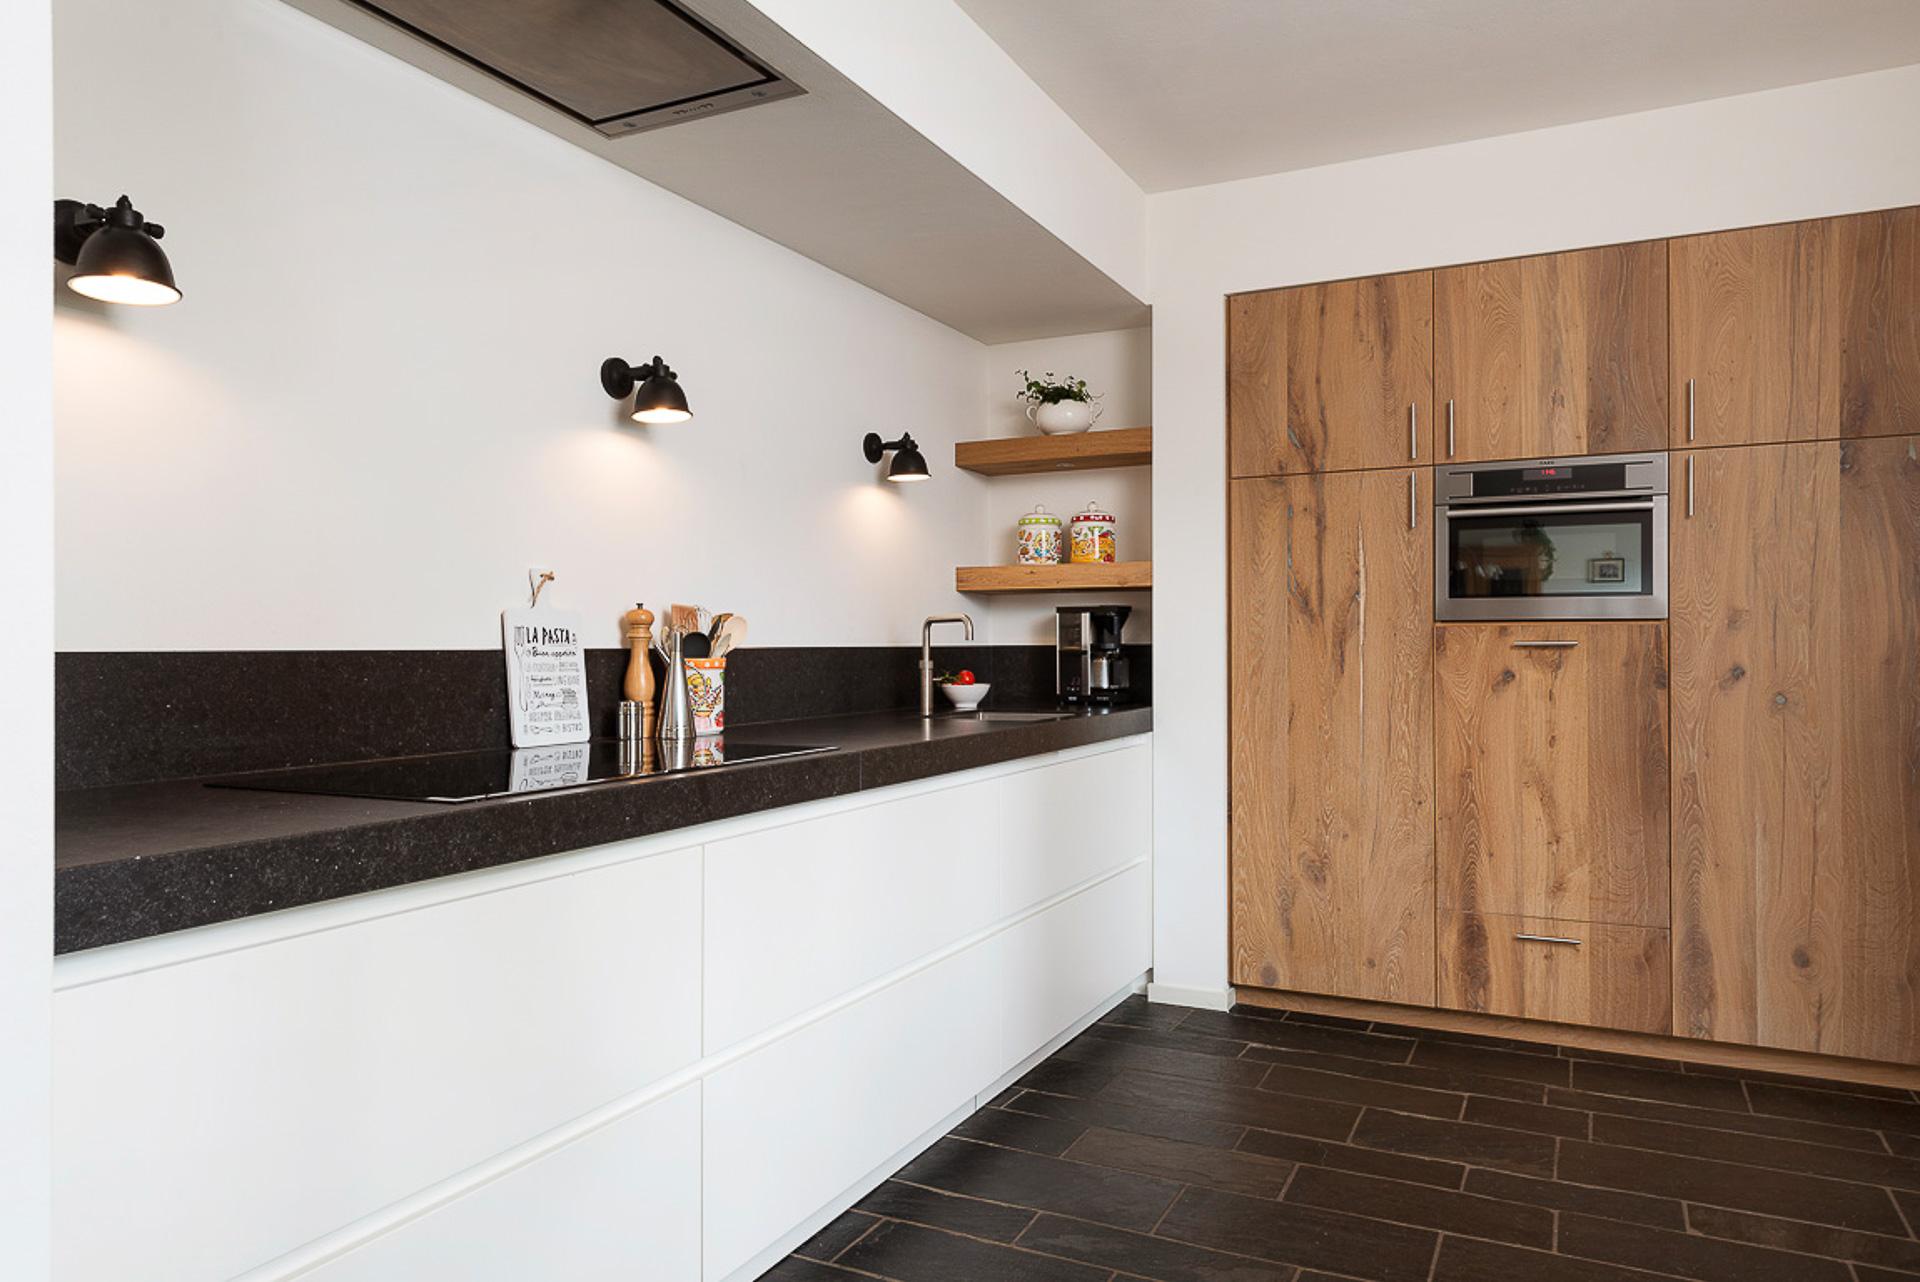 Keuken op maat eiken interieurbouw weert eindhoven interieurbouwer